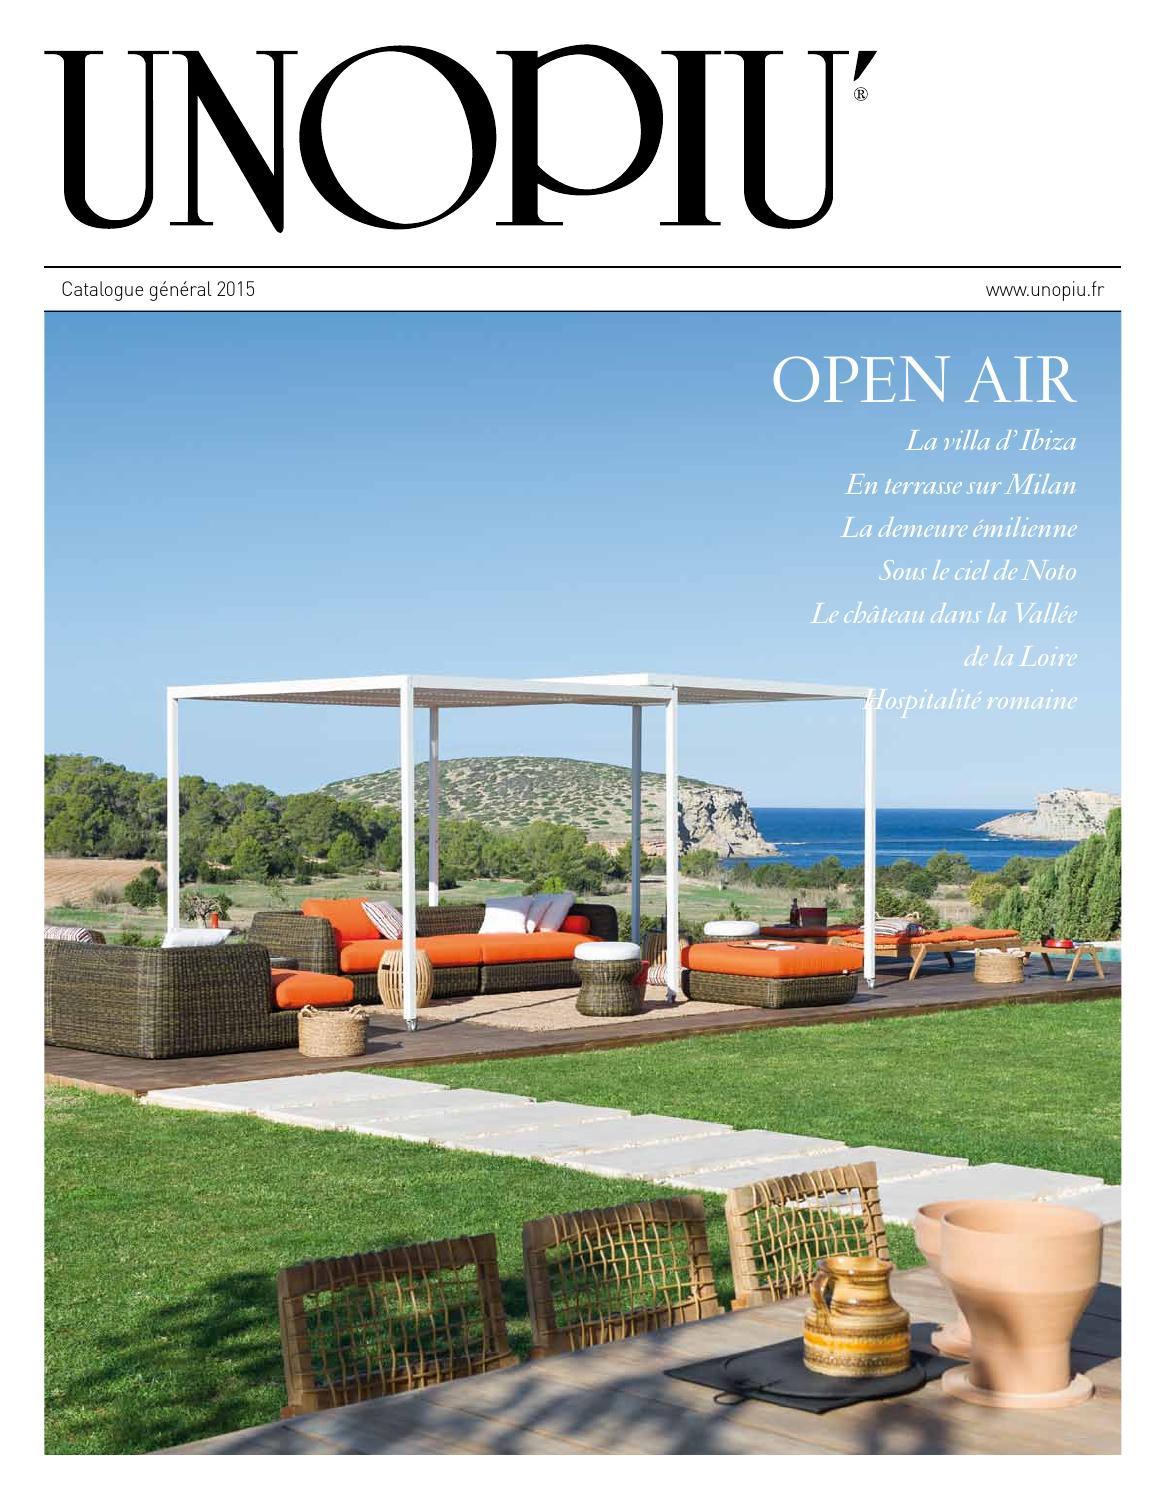 Catalogue général unopiu 2015 by Unopiù SpA - issuu